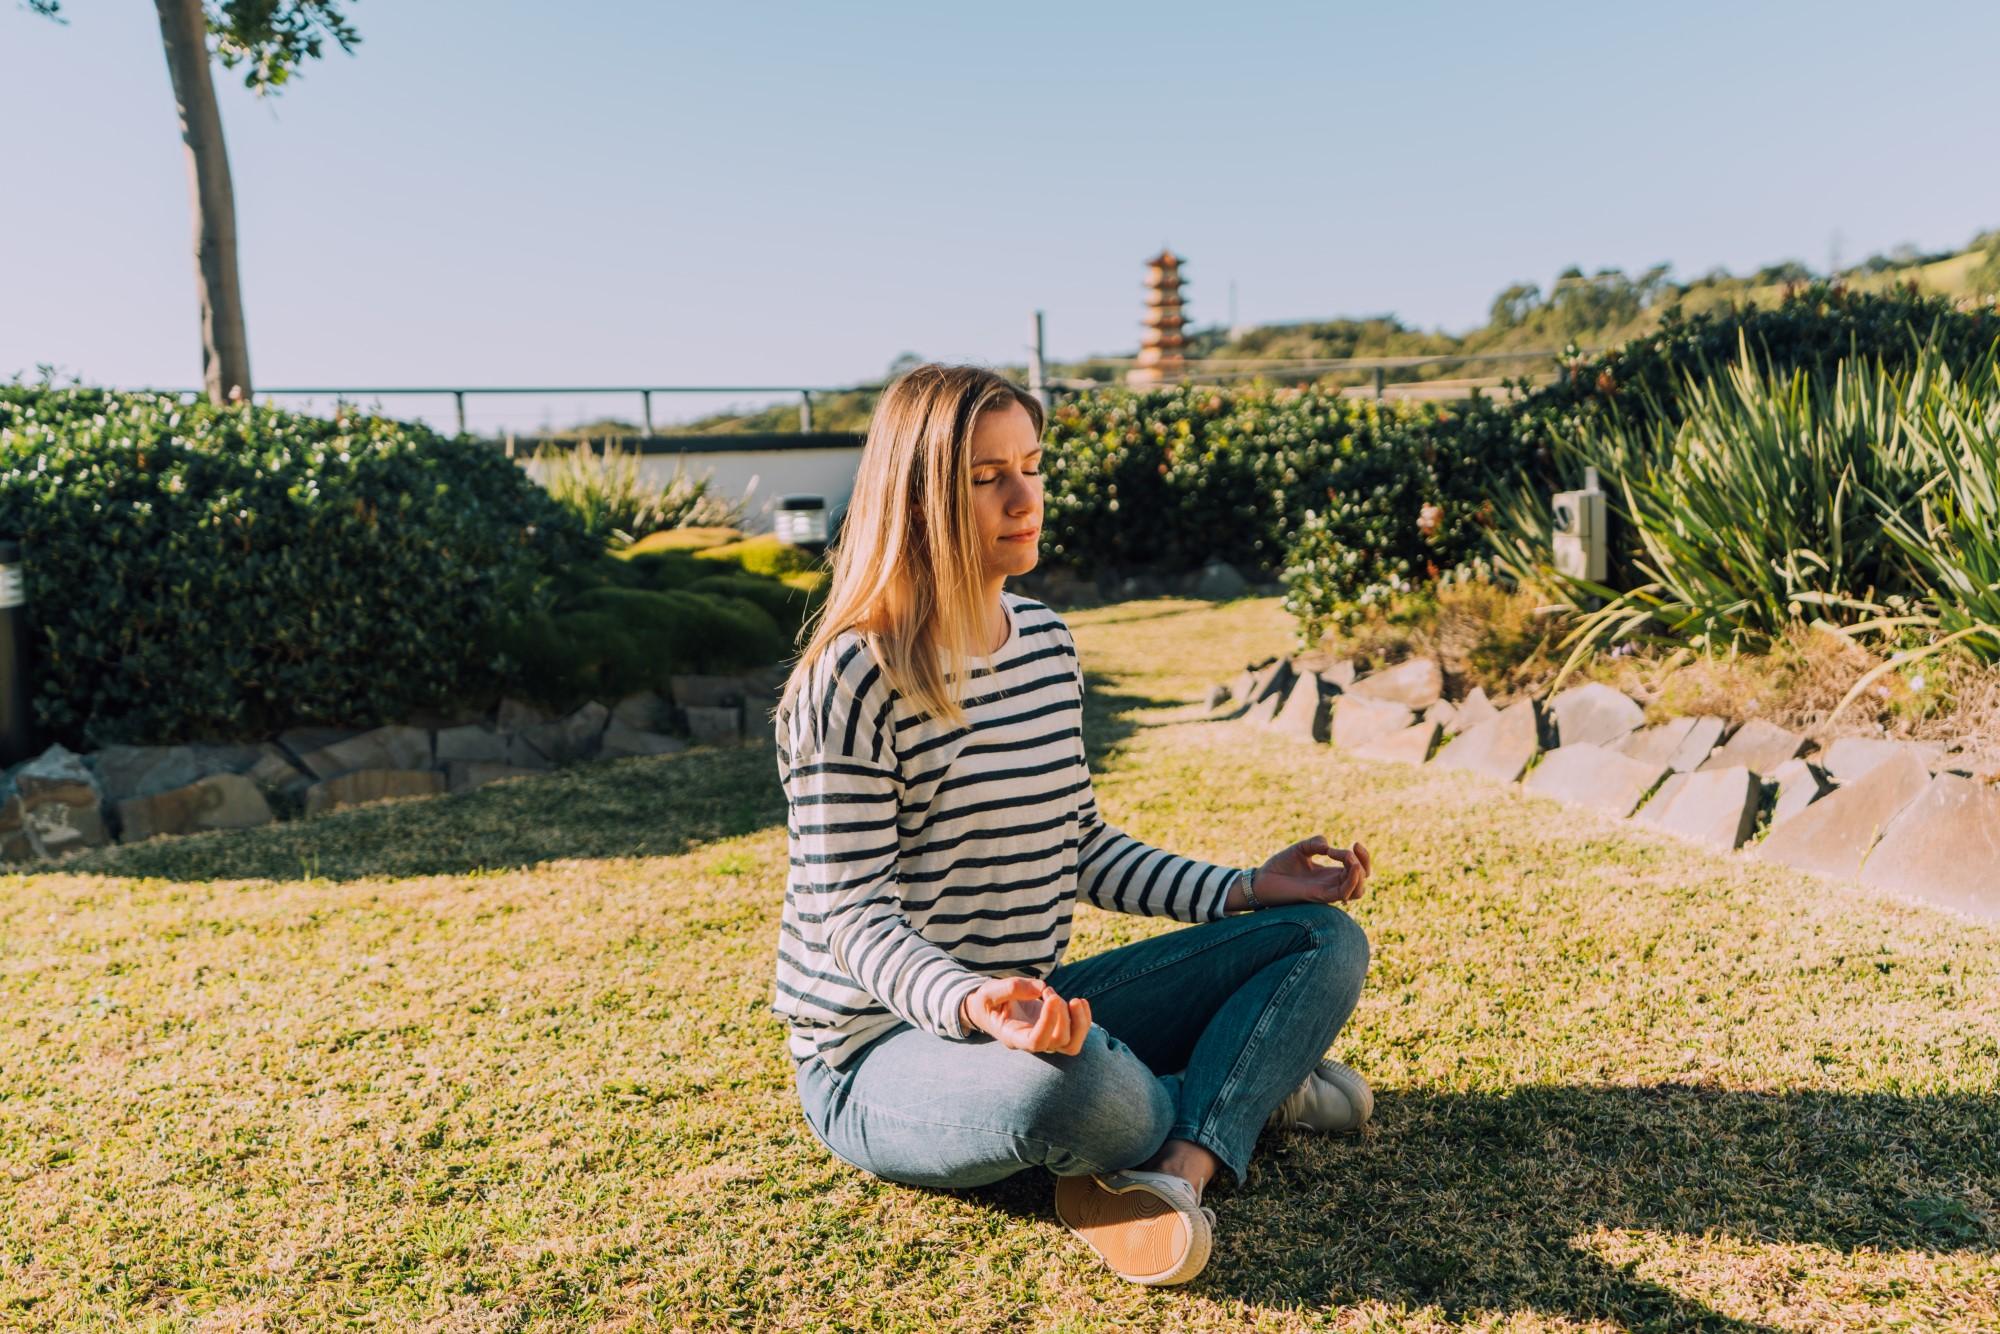 Meditation at NTI